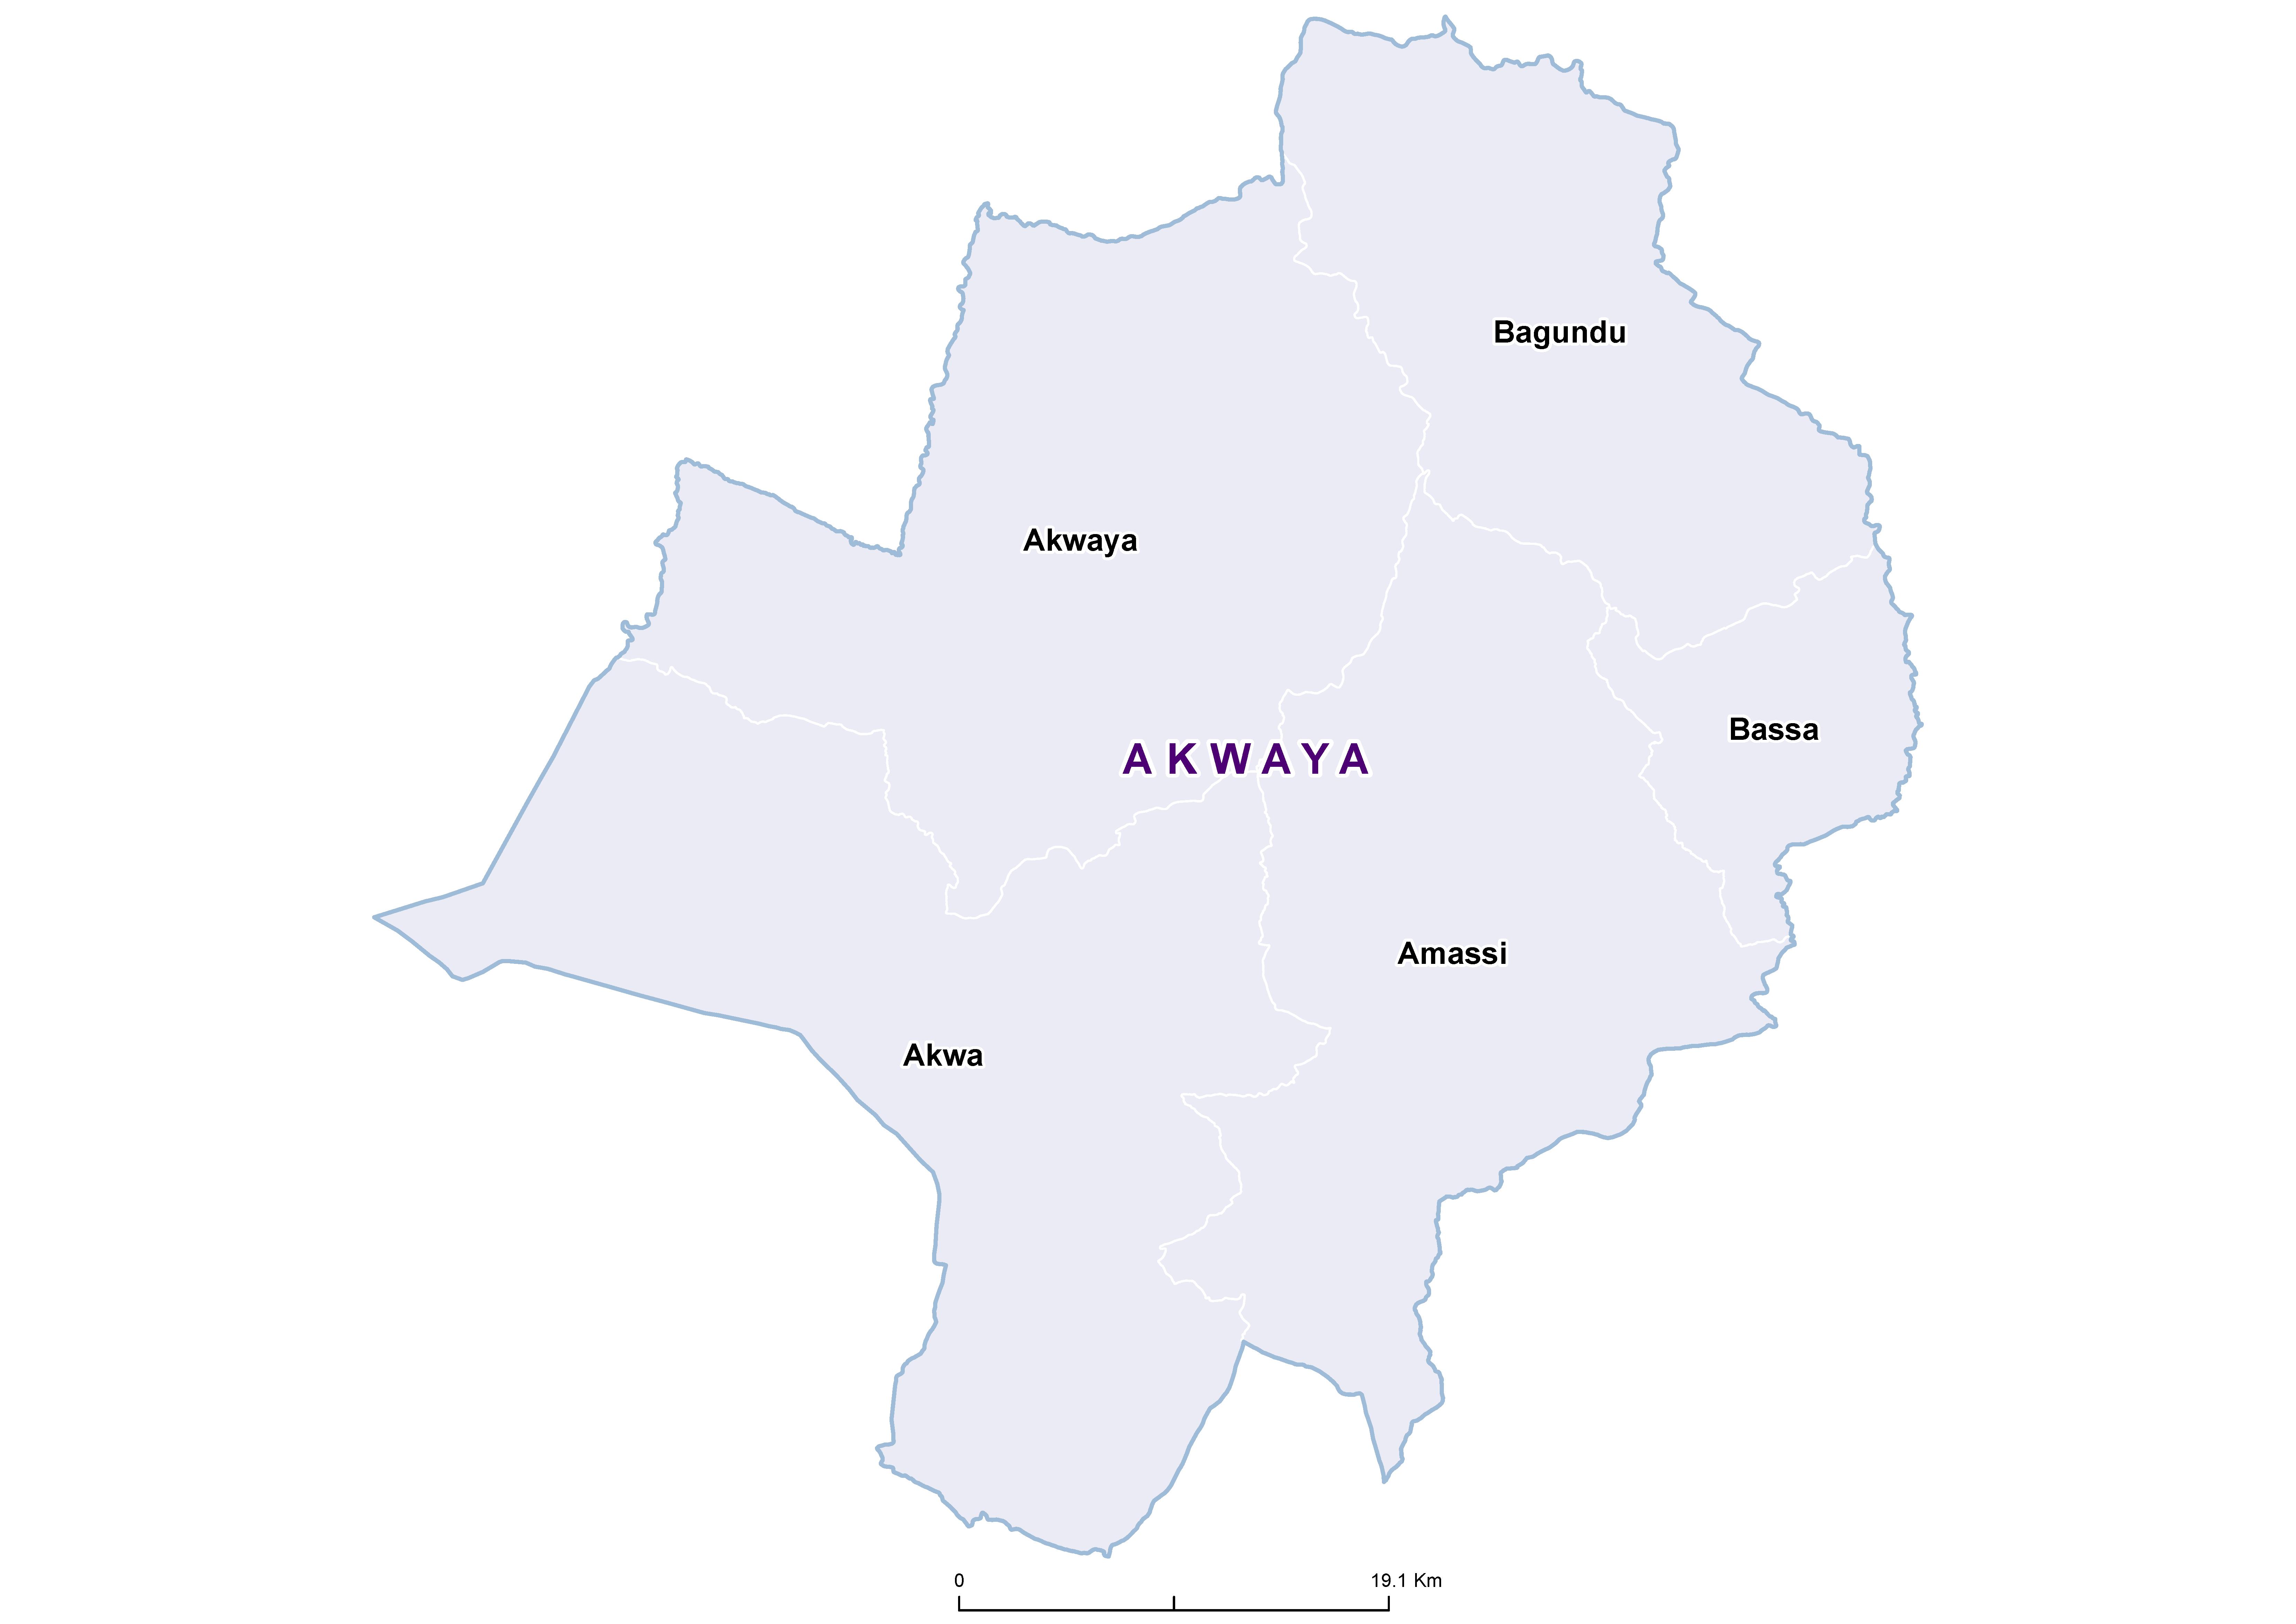 Akwaya STH 19850001